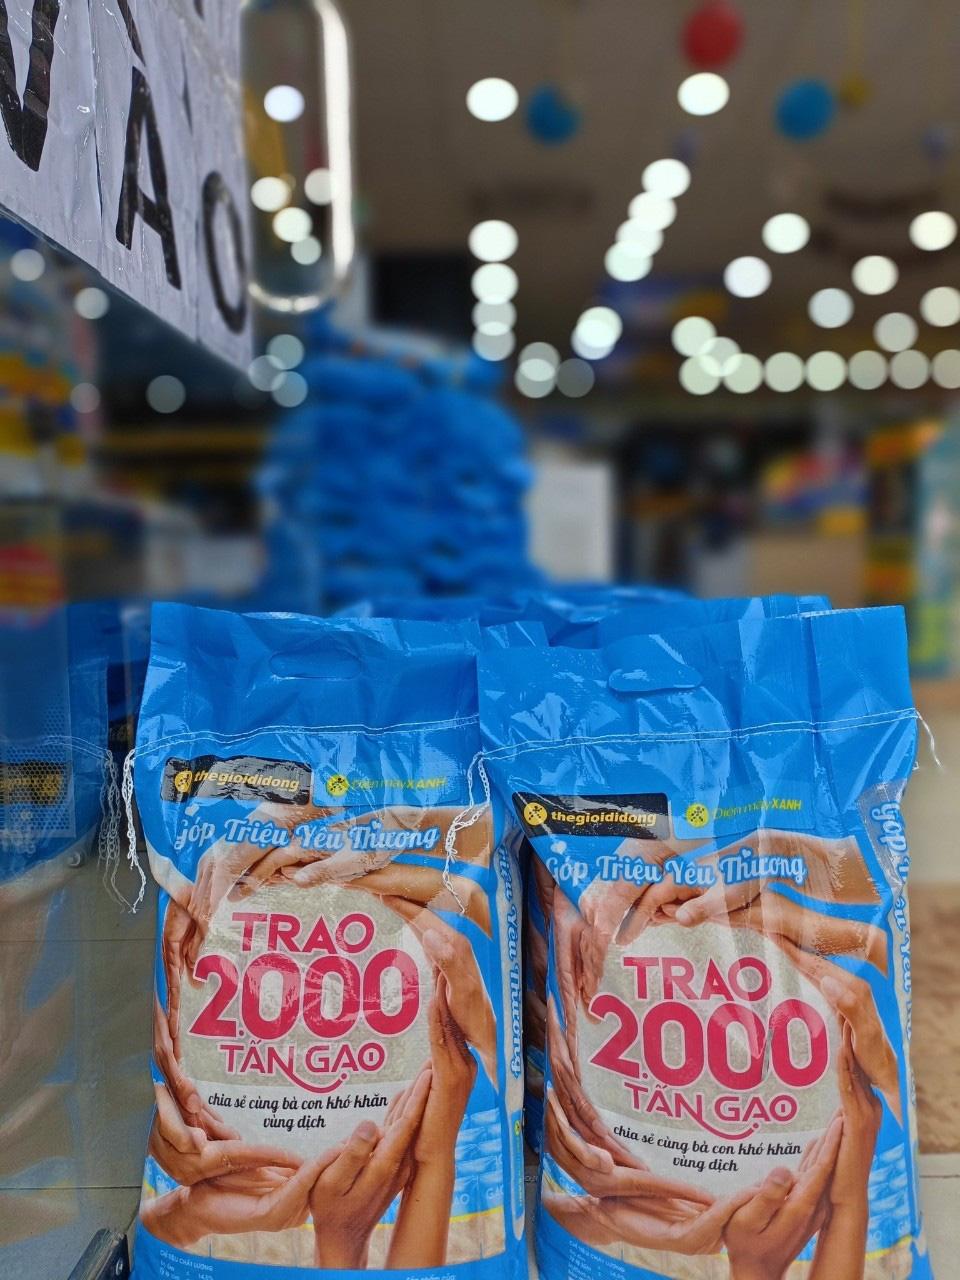 Nhân viên Thế Giới Di Động và Điện Máy Xanh háo hức với chương trình thiện nguyện trao 2000 tấn gạo - Ảnh 5.